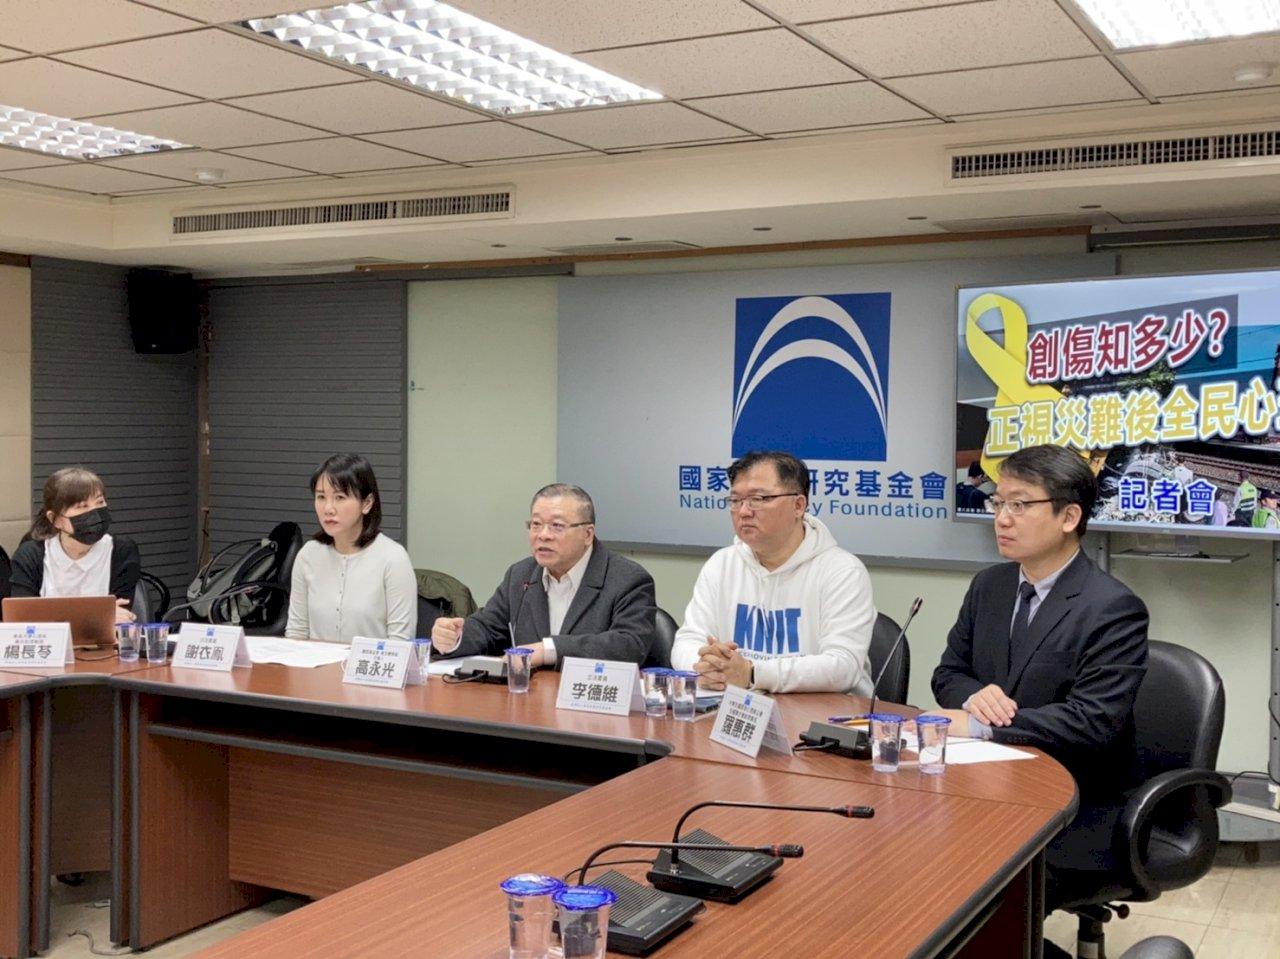 太魯閣號事故全民受創傷 藍智庫呼籲:落實生命教育